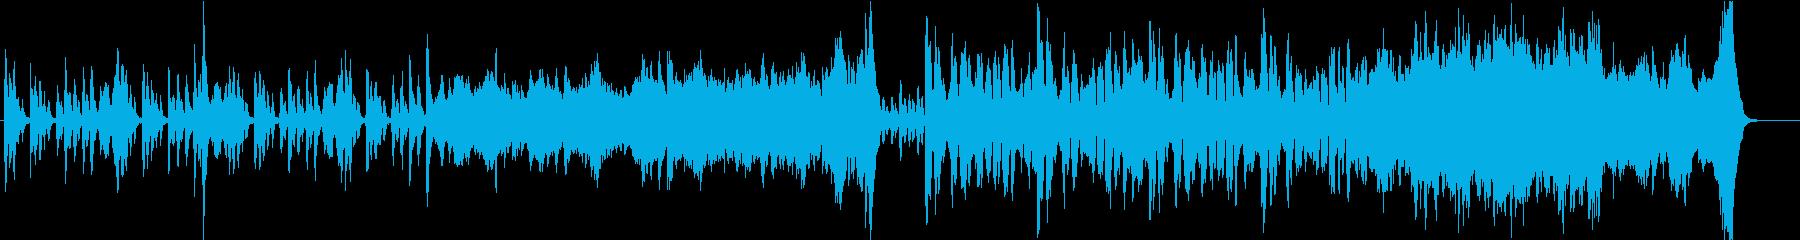 【CM】情緒ある優雅な和風オーケストラの再生済みの波形